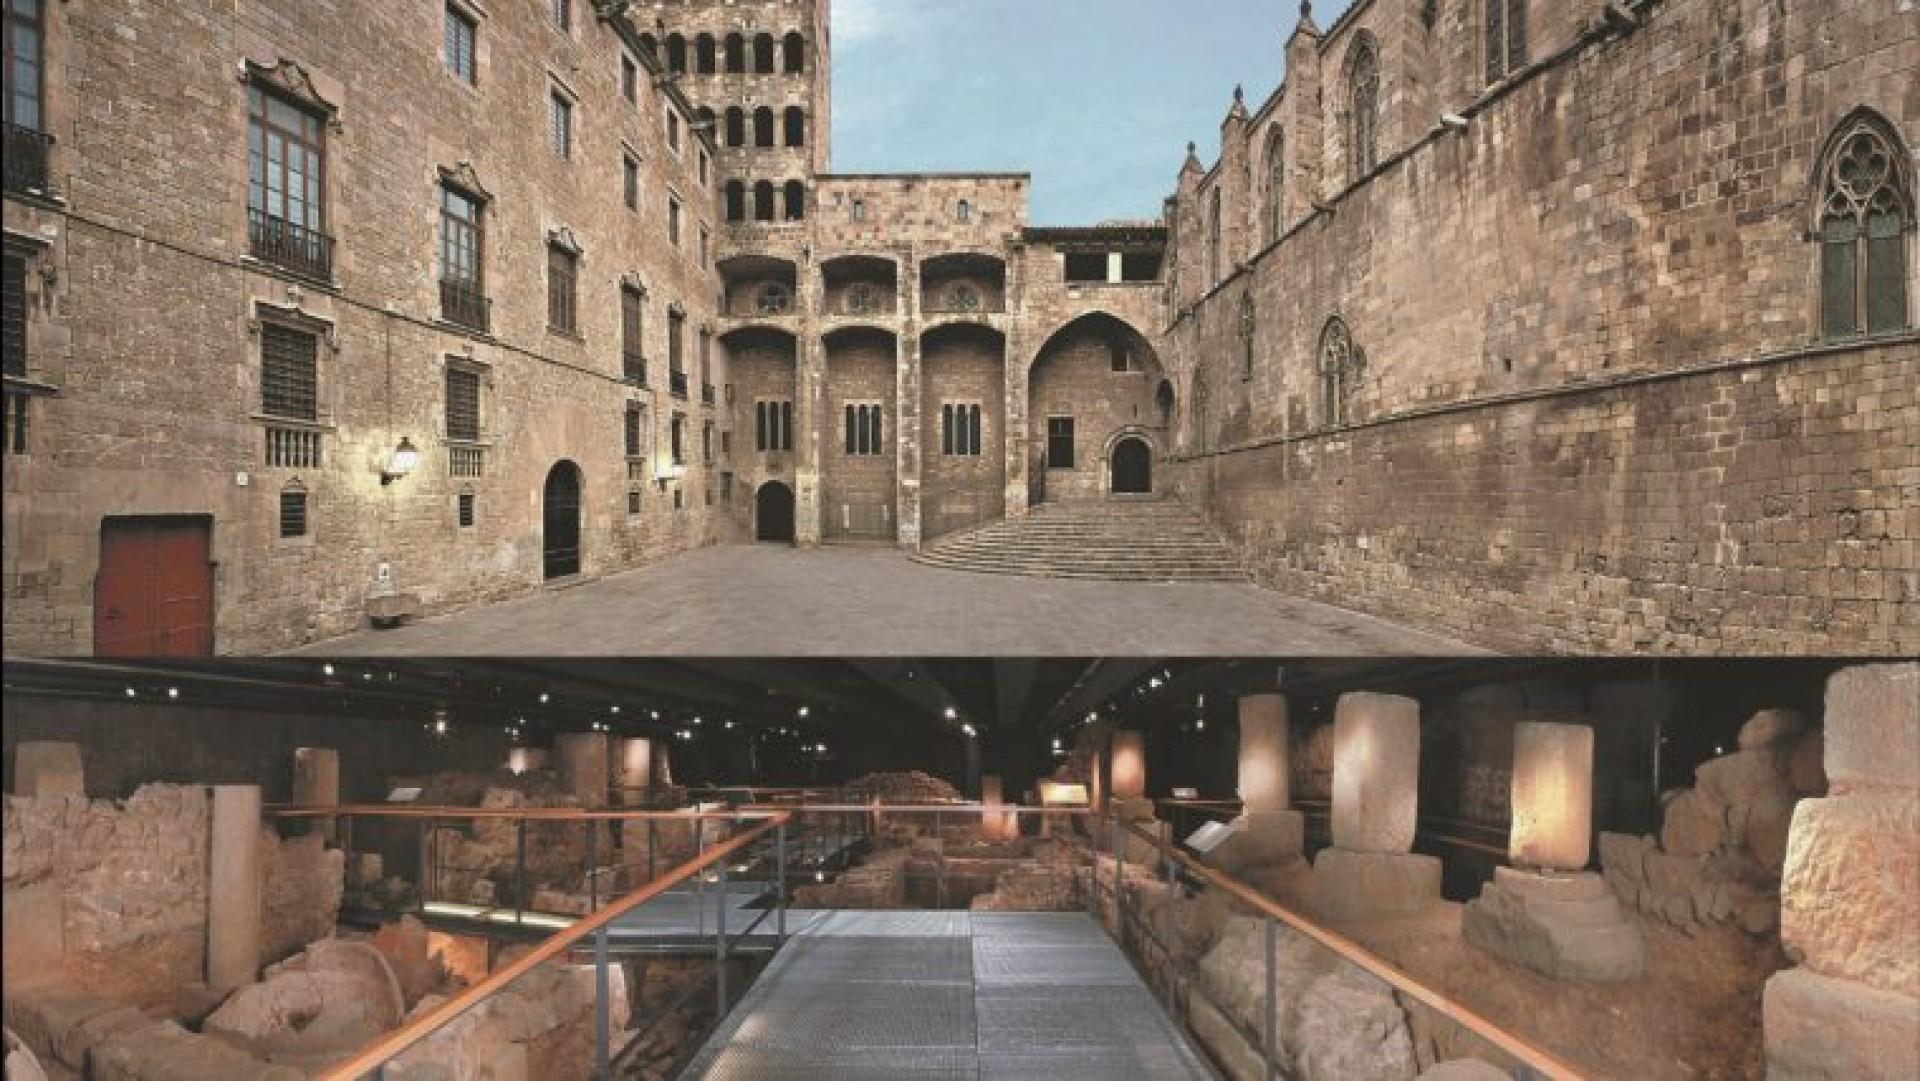 Museu d'història de Barcelona ( MUHBA )